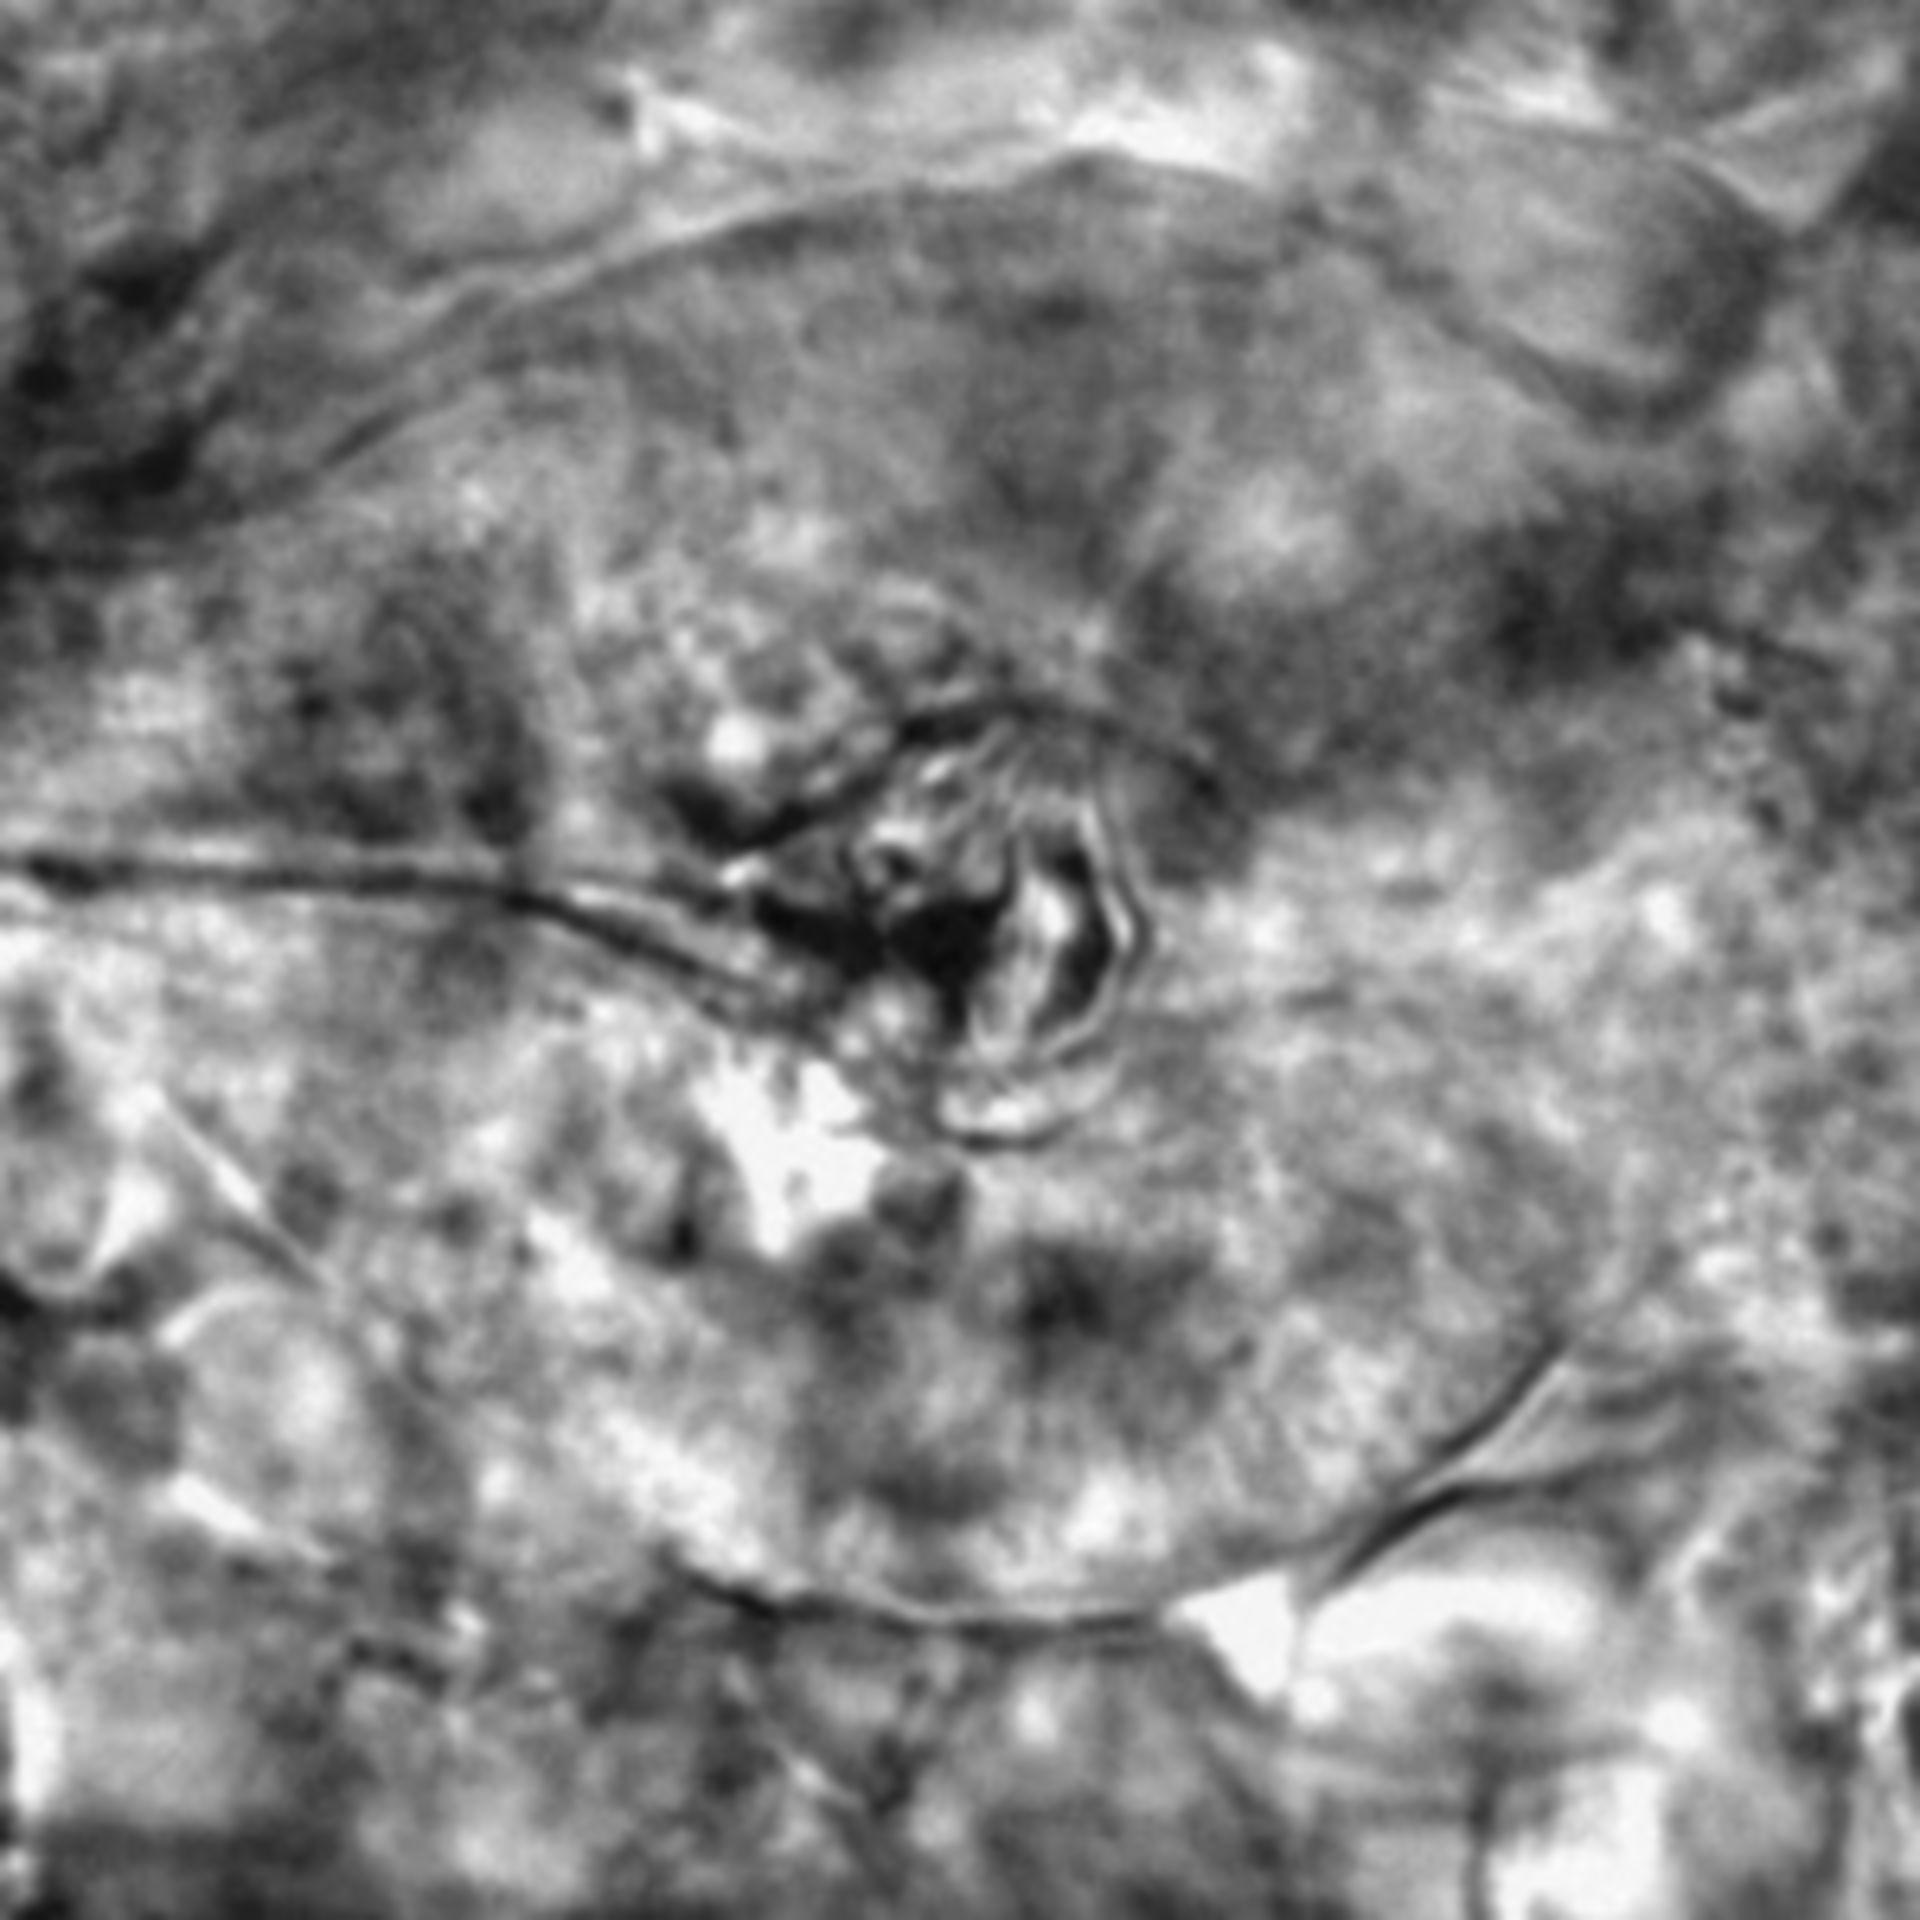 Caenorhabditis elegans - CIL:2214